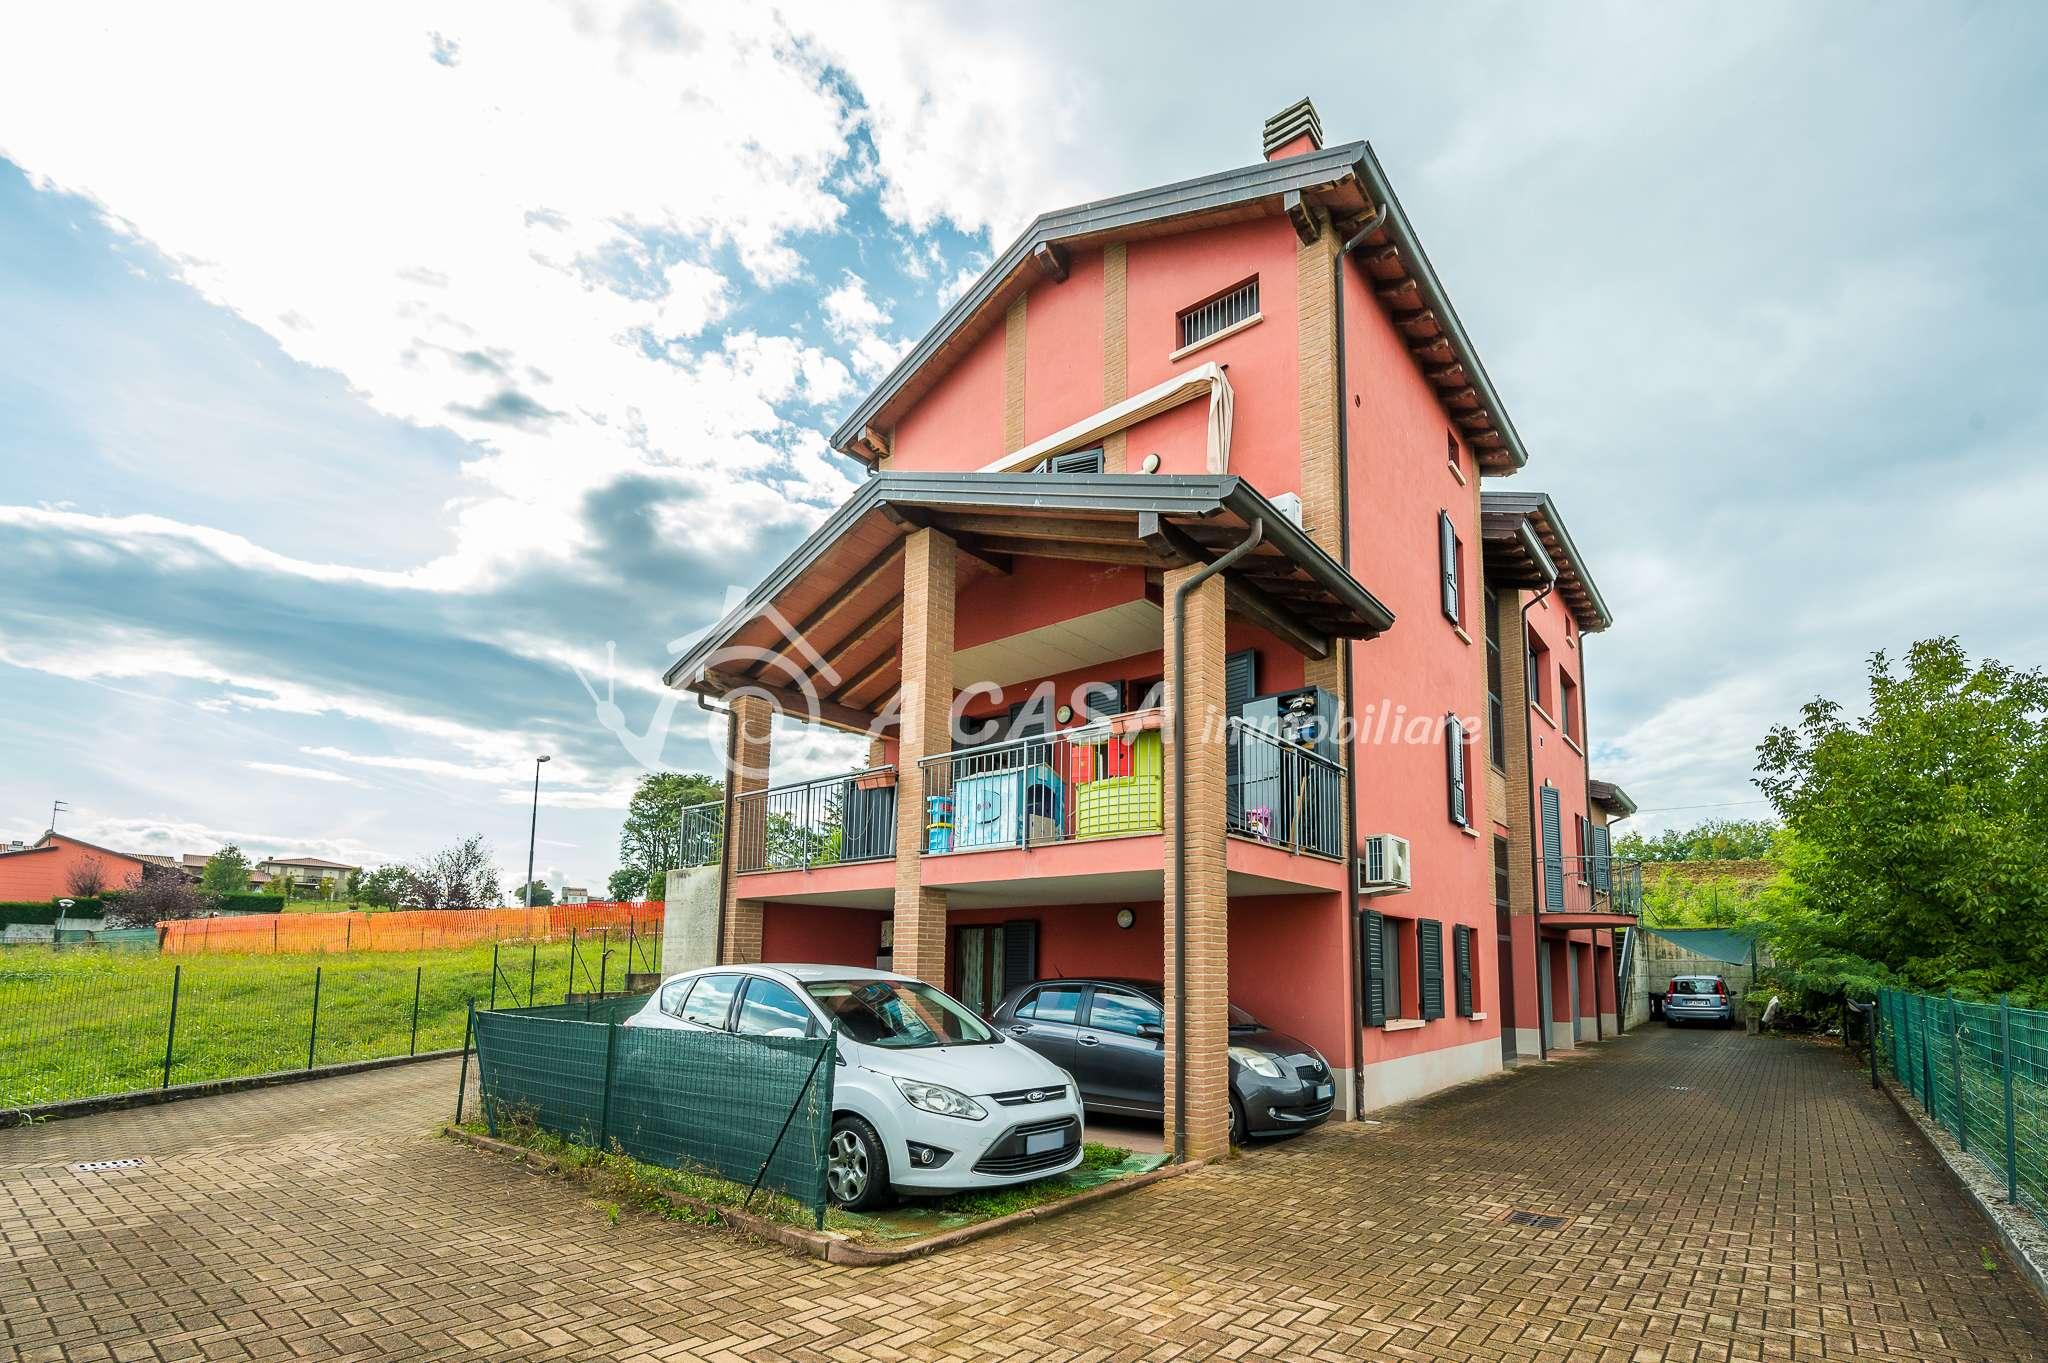 Appartamento in vendita a Medesano, 3 locali, prezzo € 155.000 | PortaleAgenzieImmobiliari.it